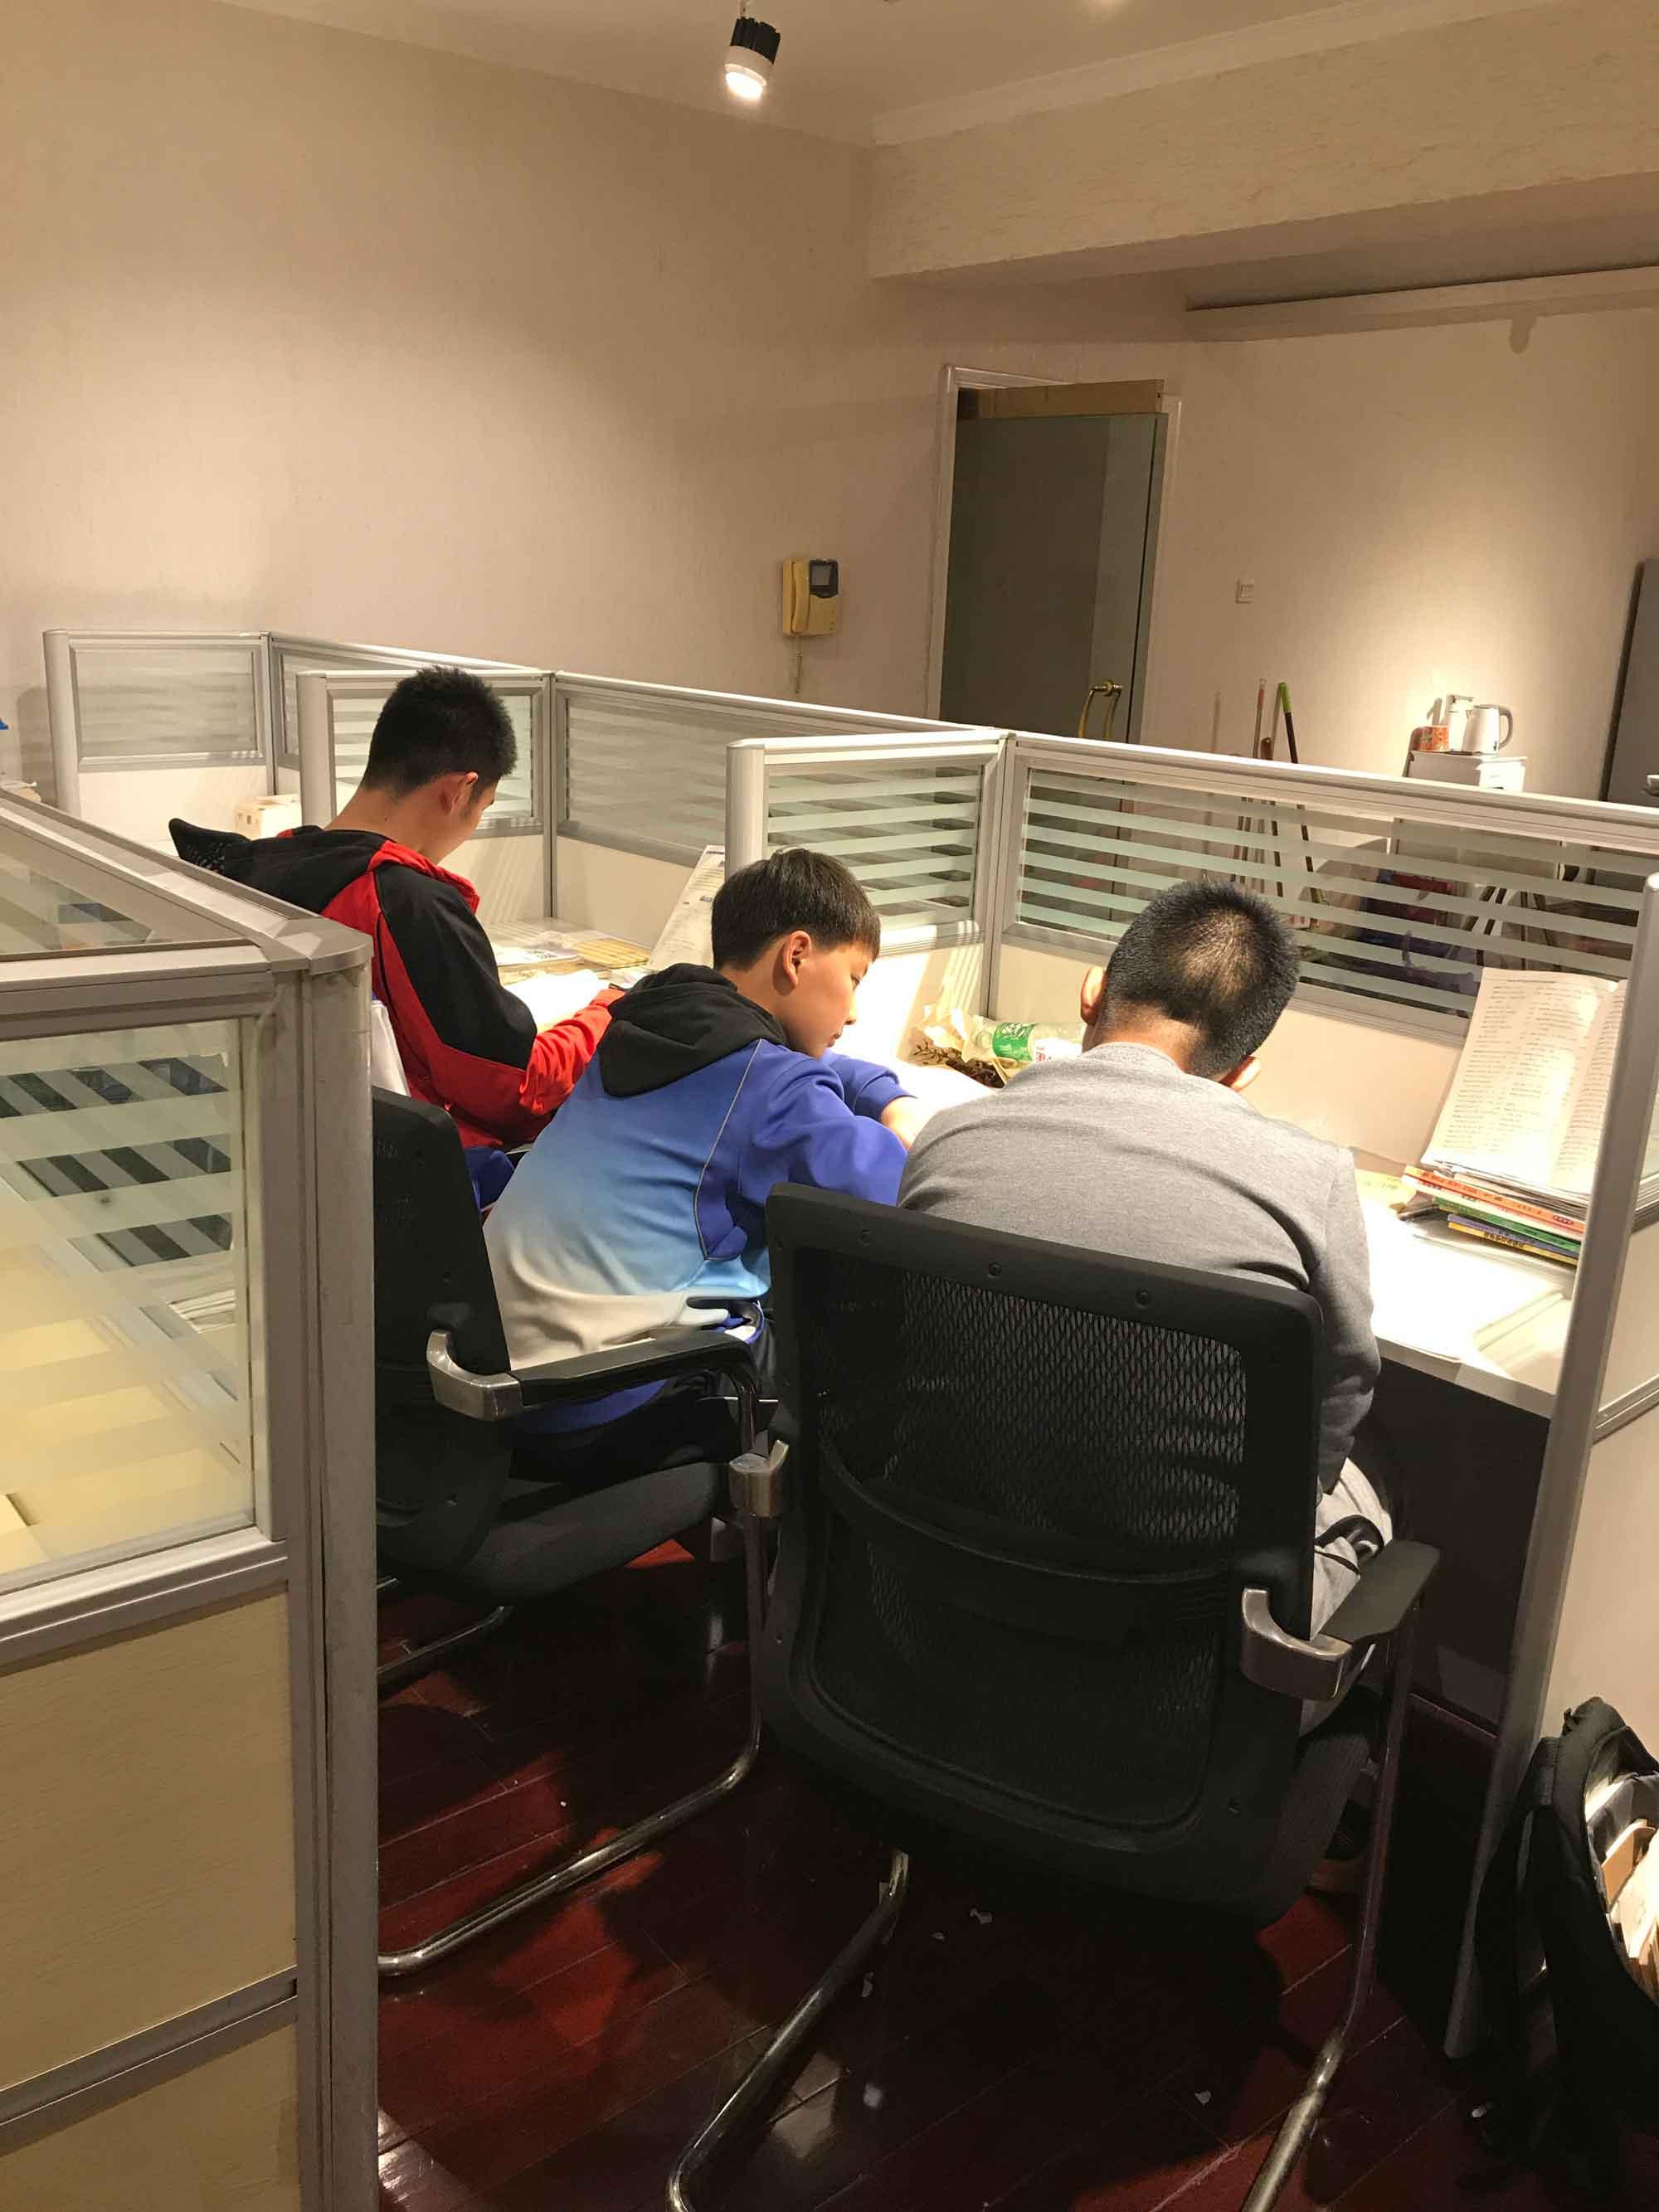 淄博专业一对一辅导学校-专业的一对一辅导星空教育科技提供